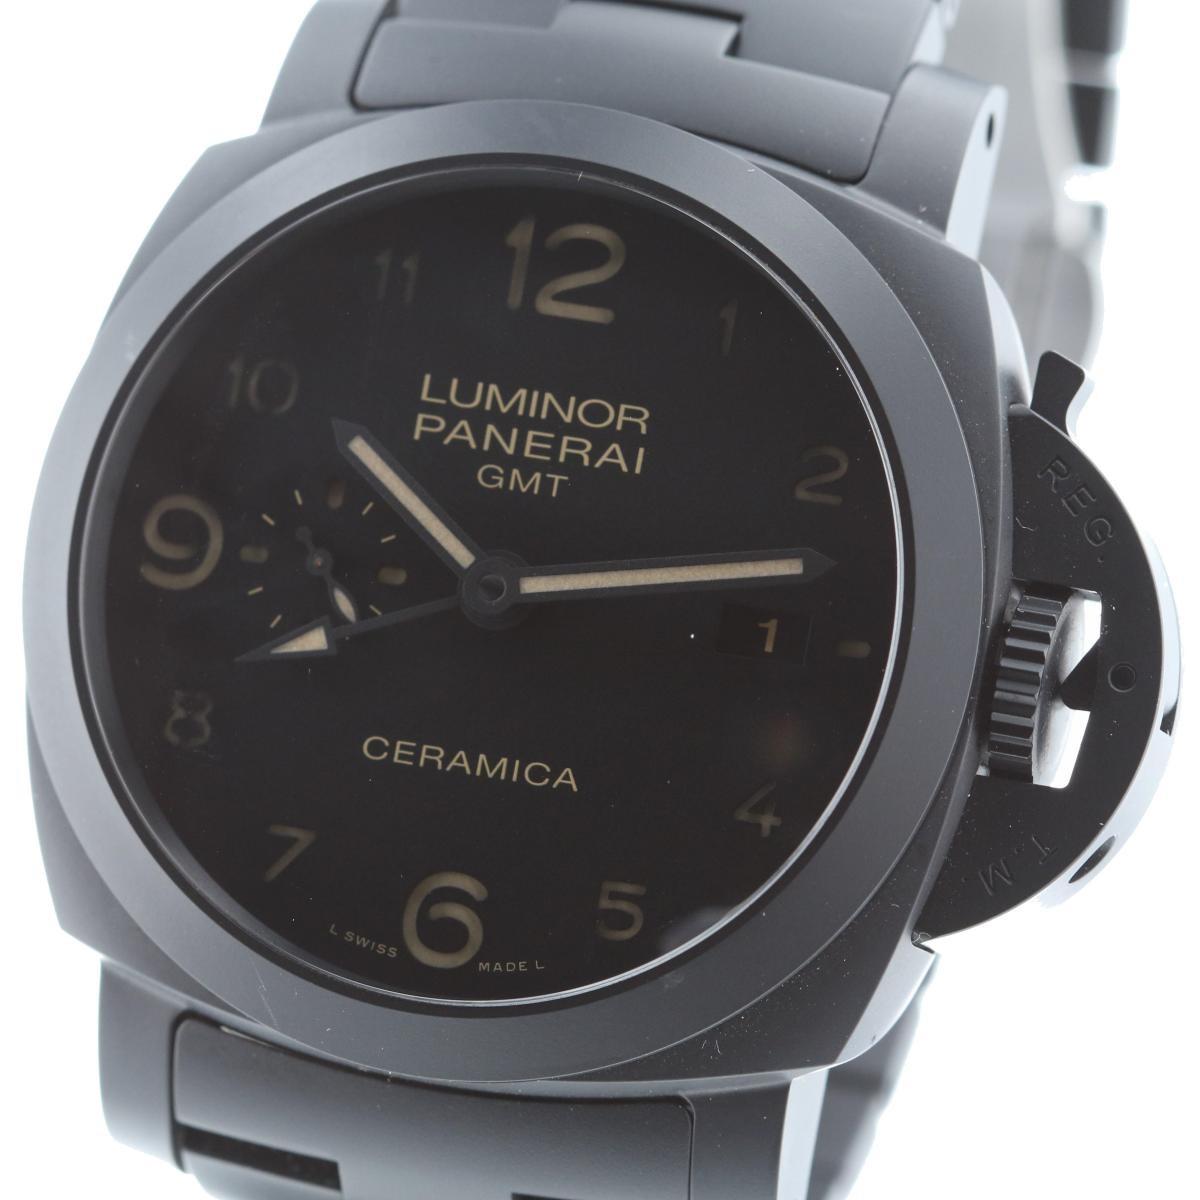 【最終値下げ品】【中古】 PANERAI (パネライ) トゥットネロ ルミノール 1950 3デイズ GMT セラミック 時計 自動巻き/メンズ LUMINOR Black PAM00438 used:B